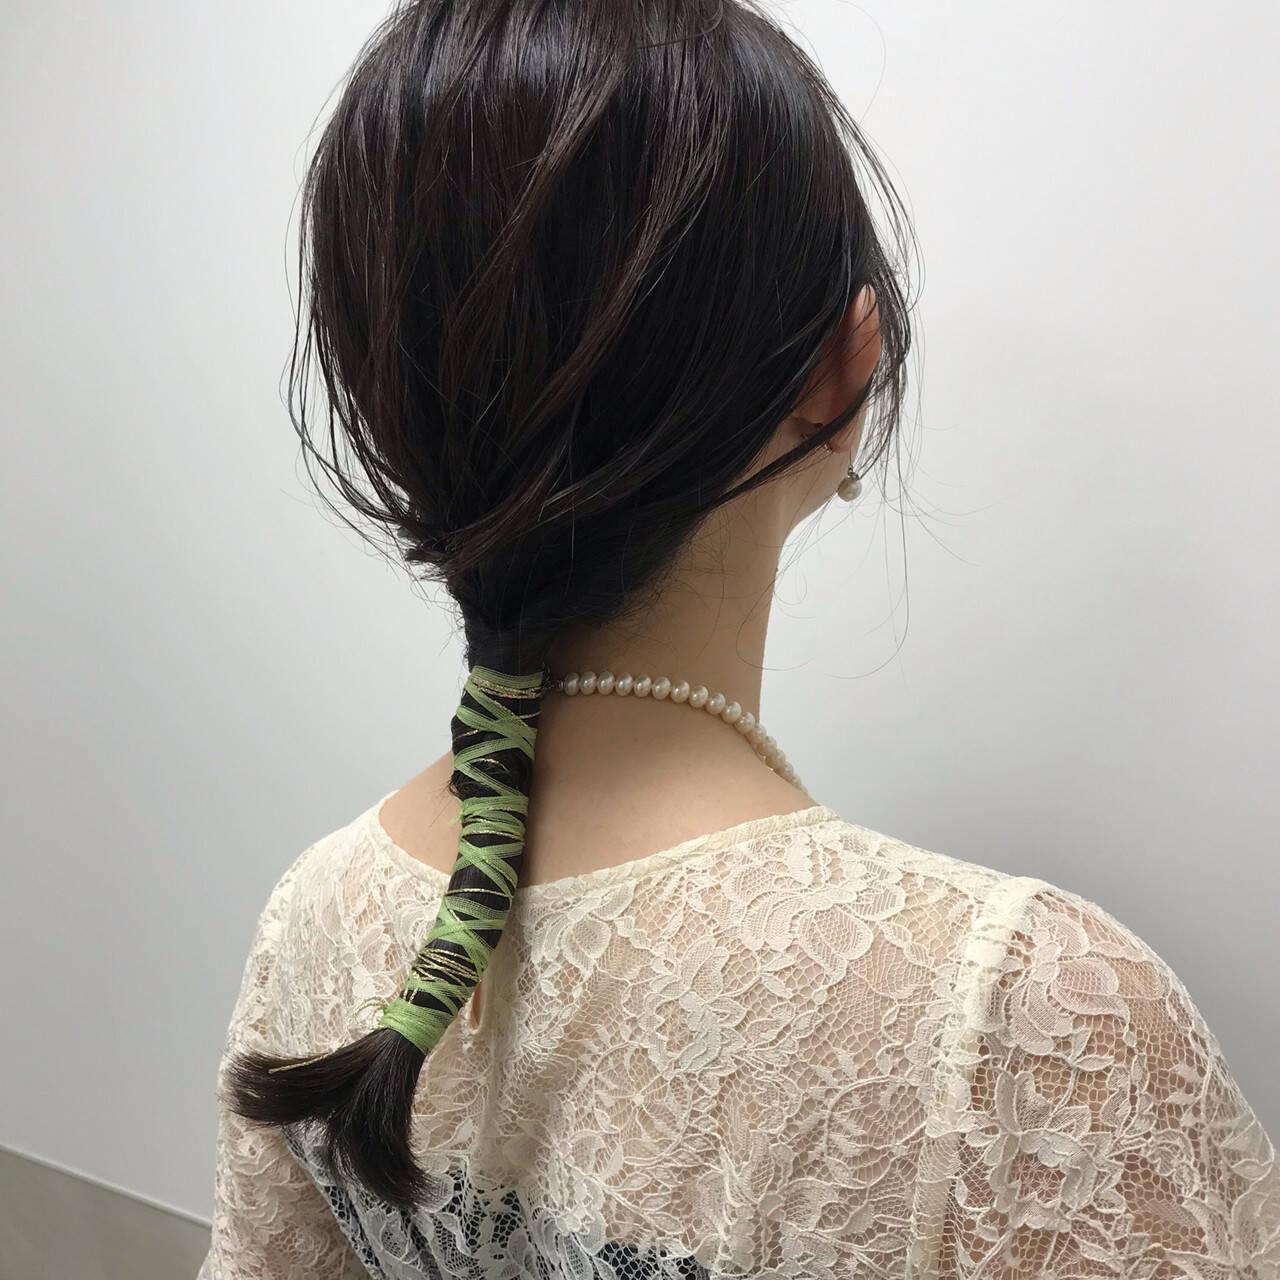 ヘアカラー セミロング エレガント ヘアアレンジヘアスタイルや髪型の写真・画像